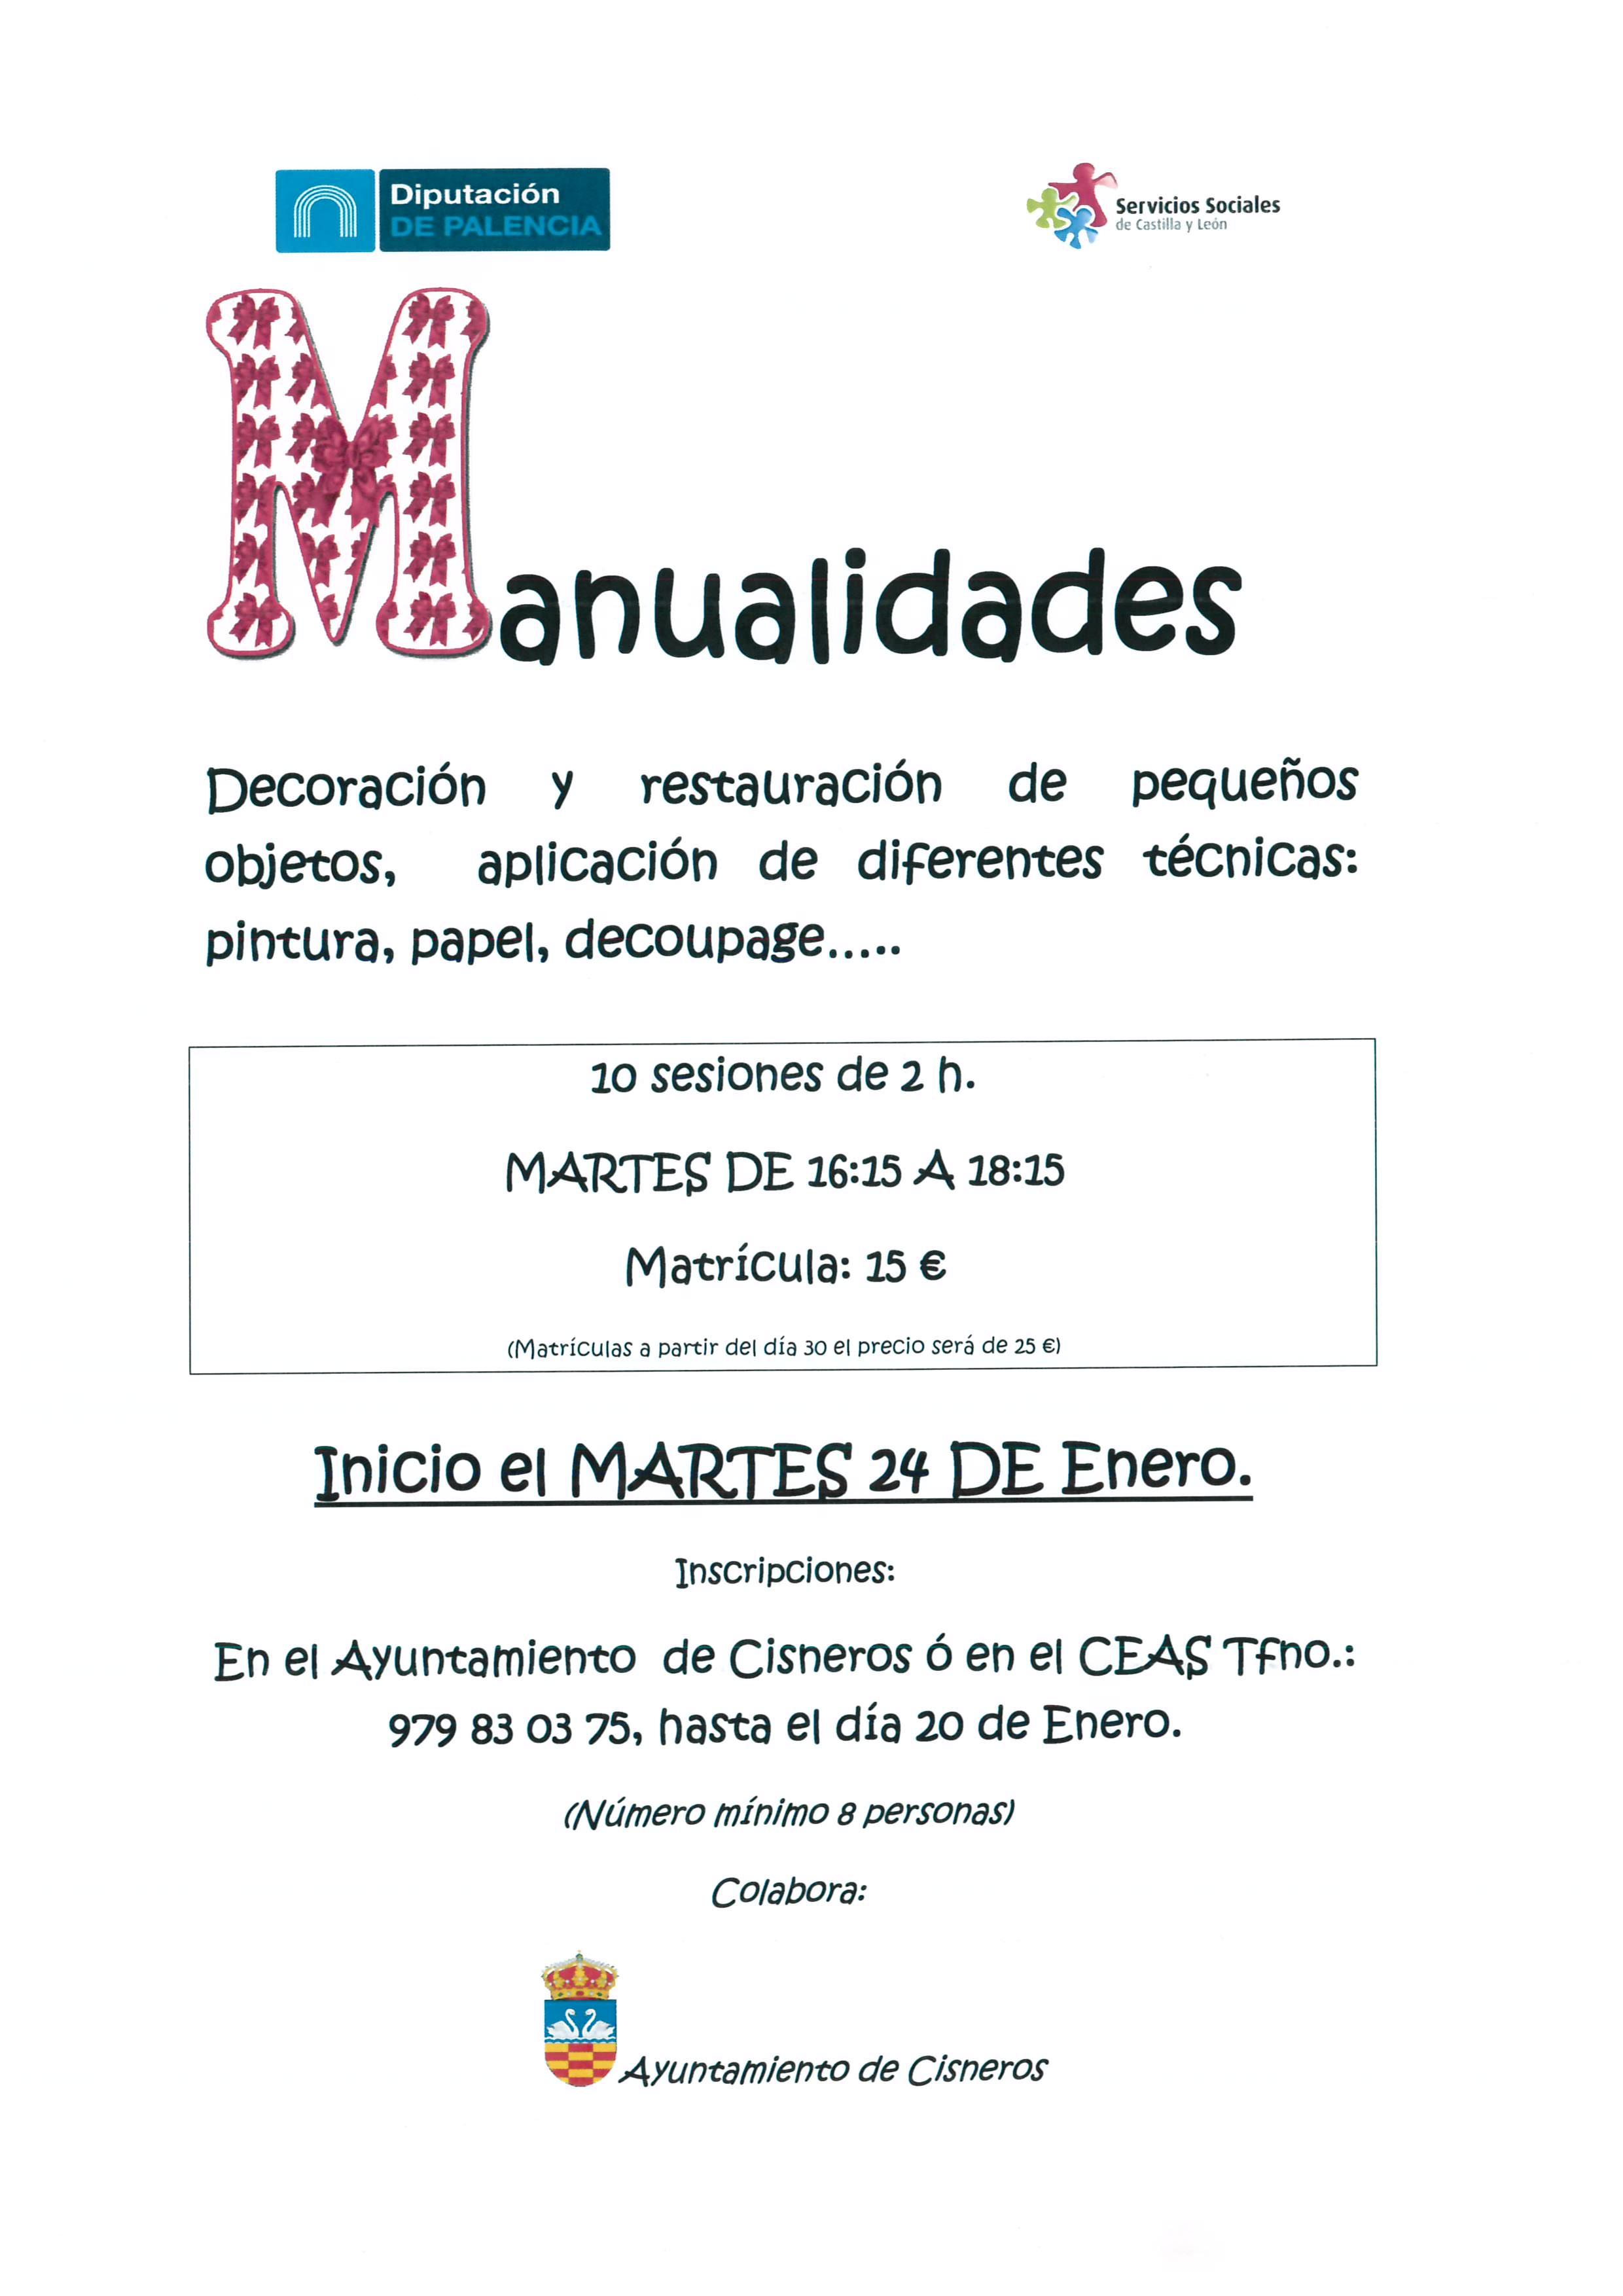 CURSO DE MANUALIDADES